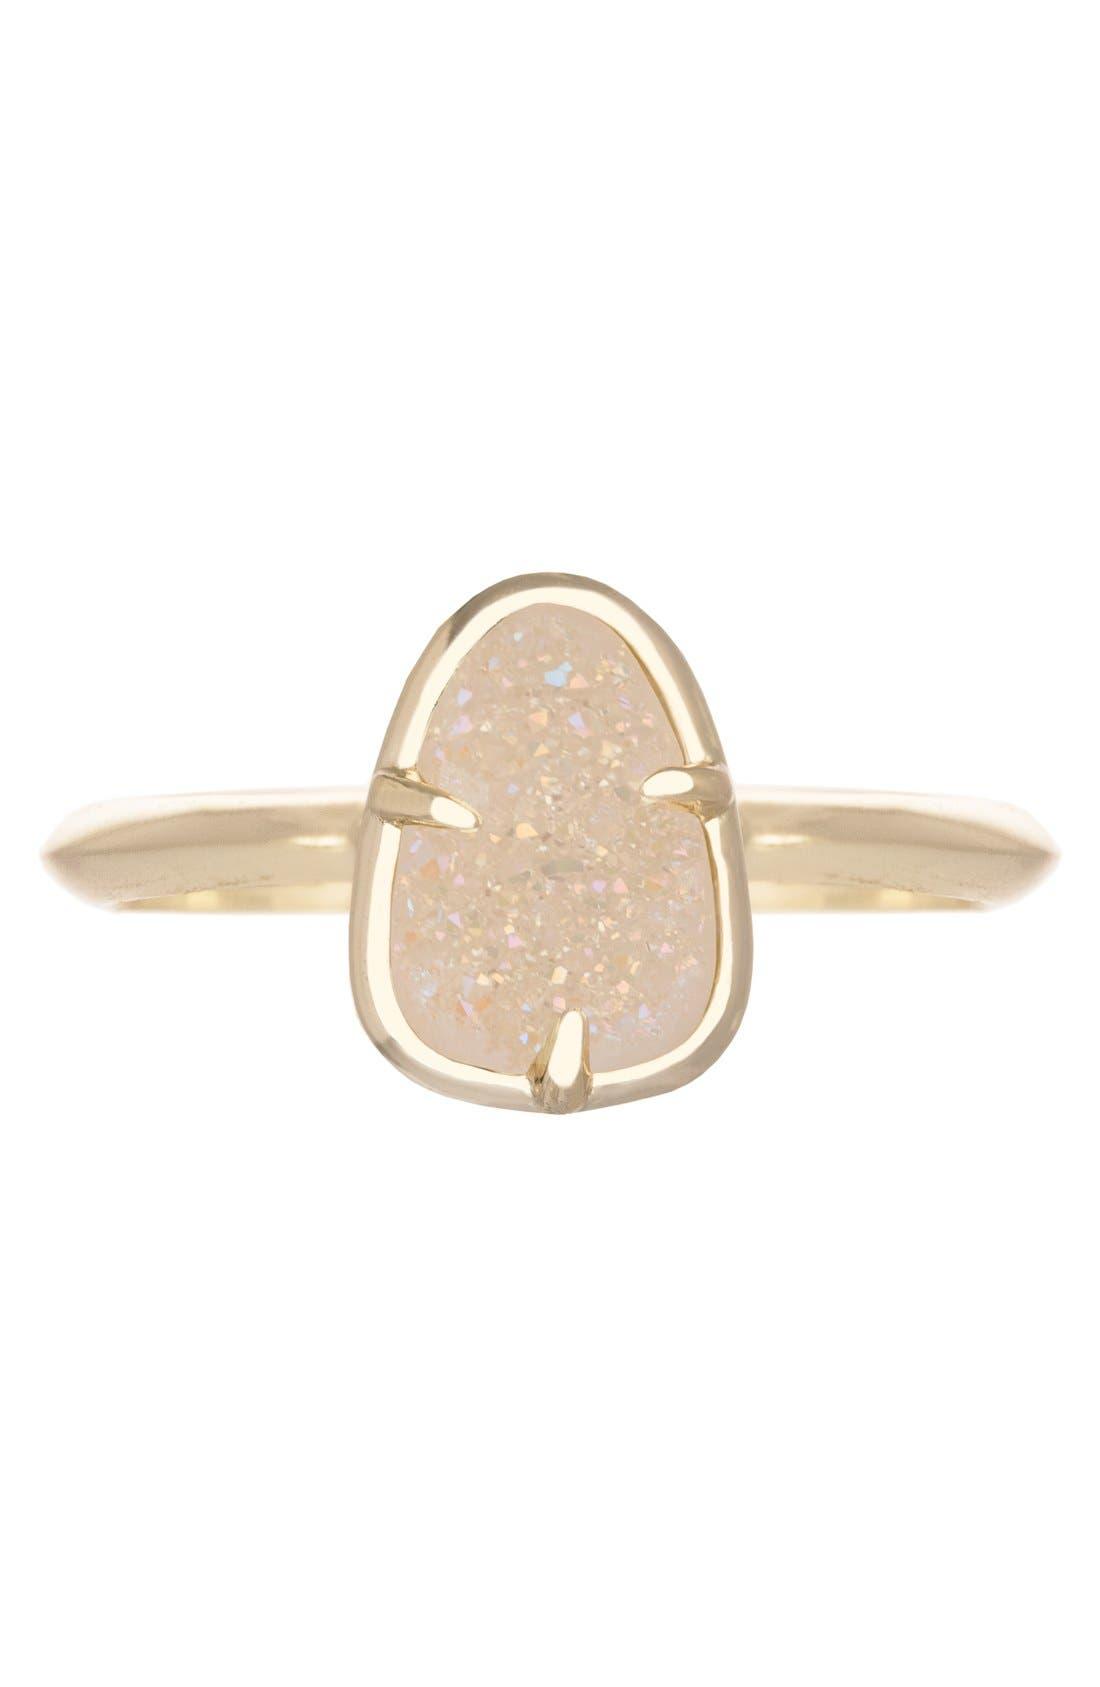 Main Image - Kendra Scott 'Haylee' Stone Ring